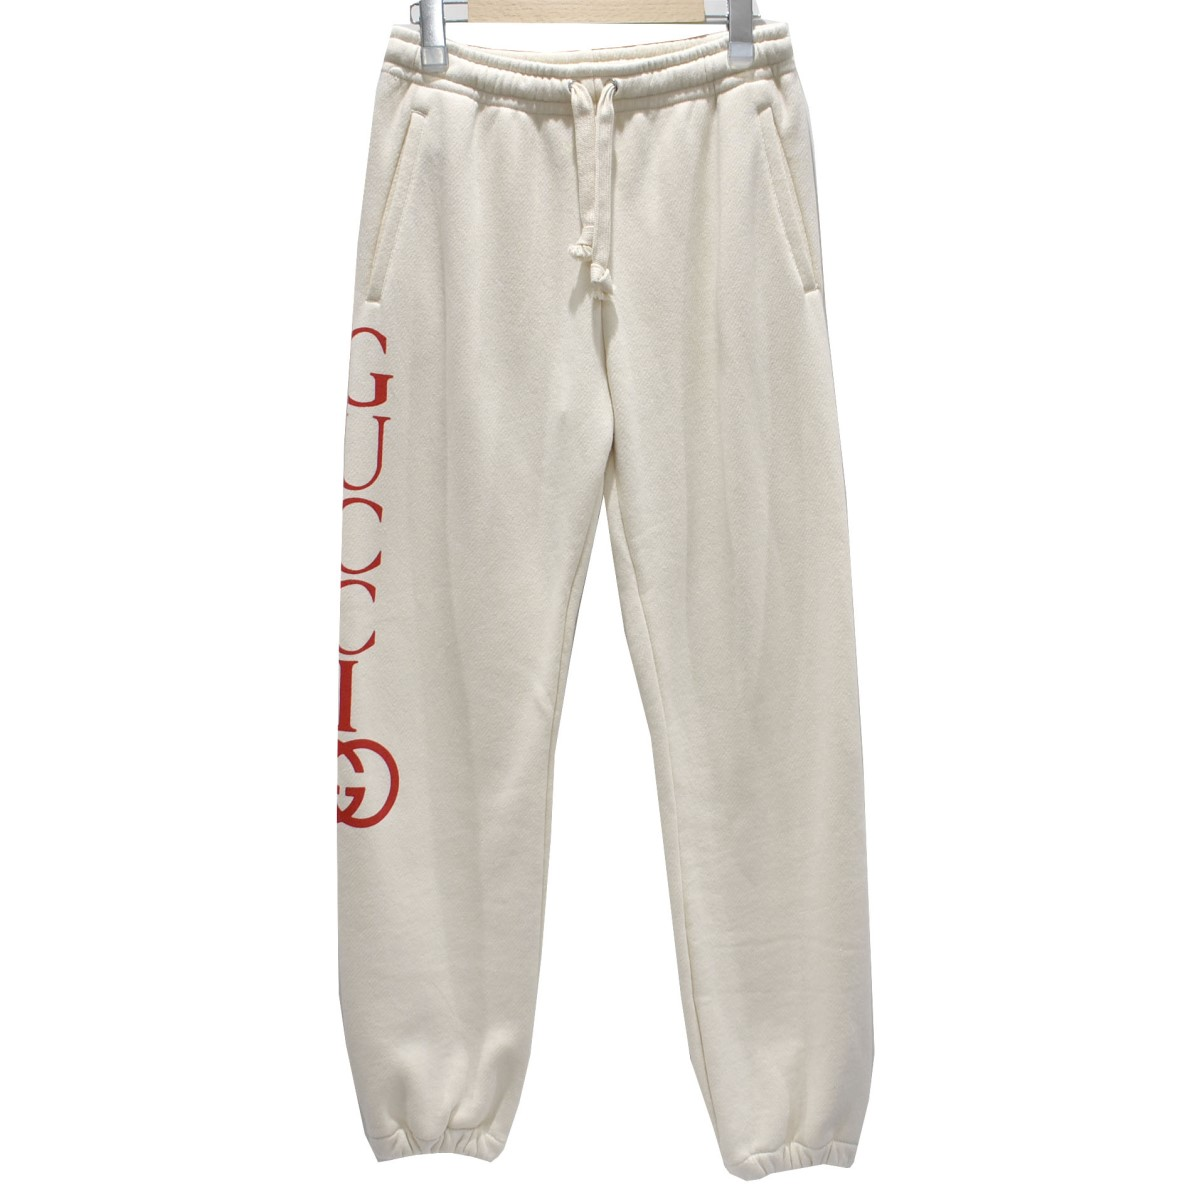 【中古】GUCCI19SS ジョギングパンツ ベージュ サイズ:XS